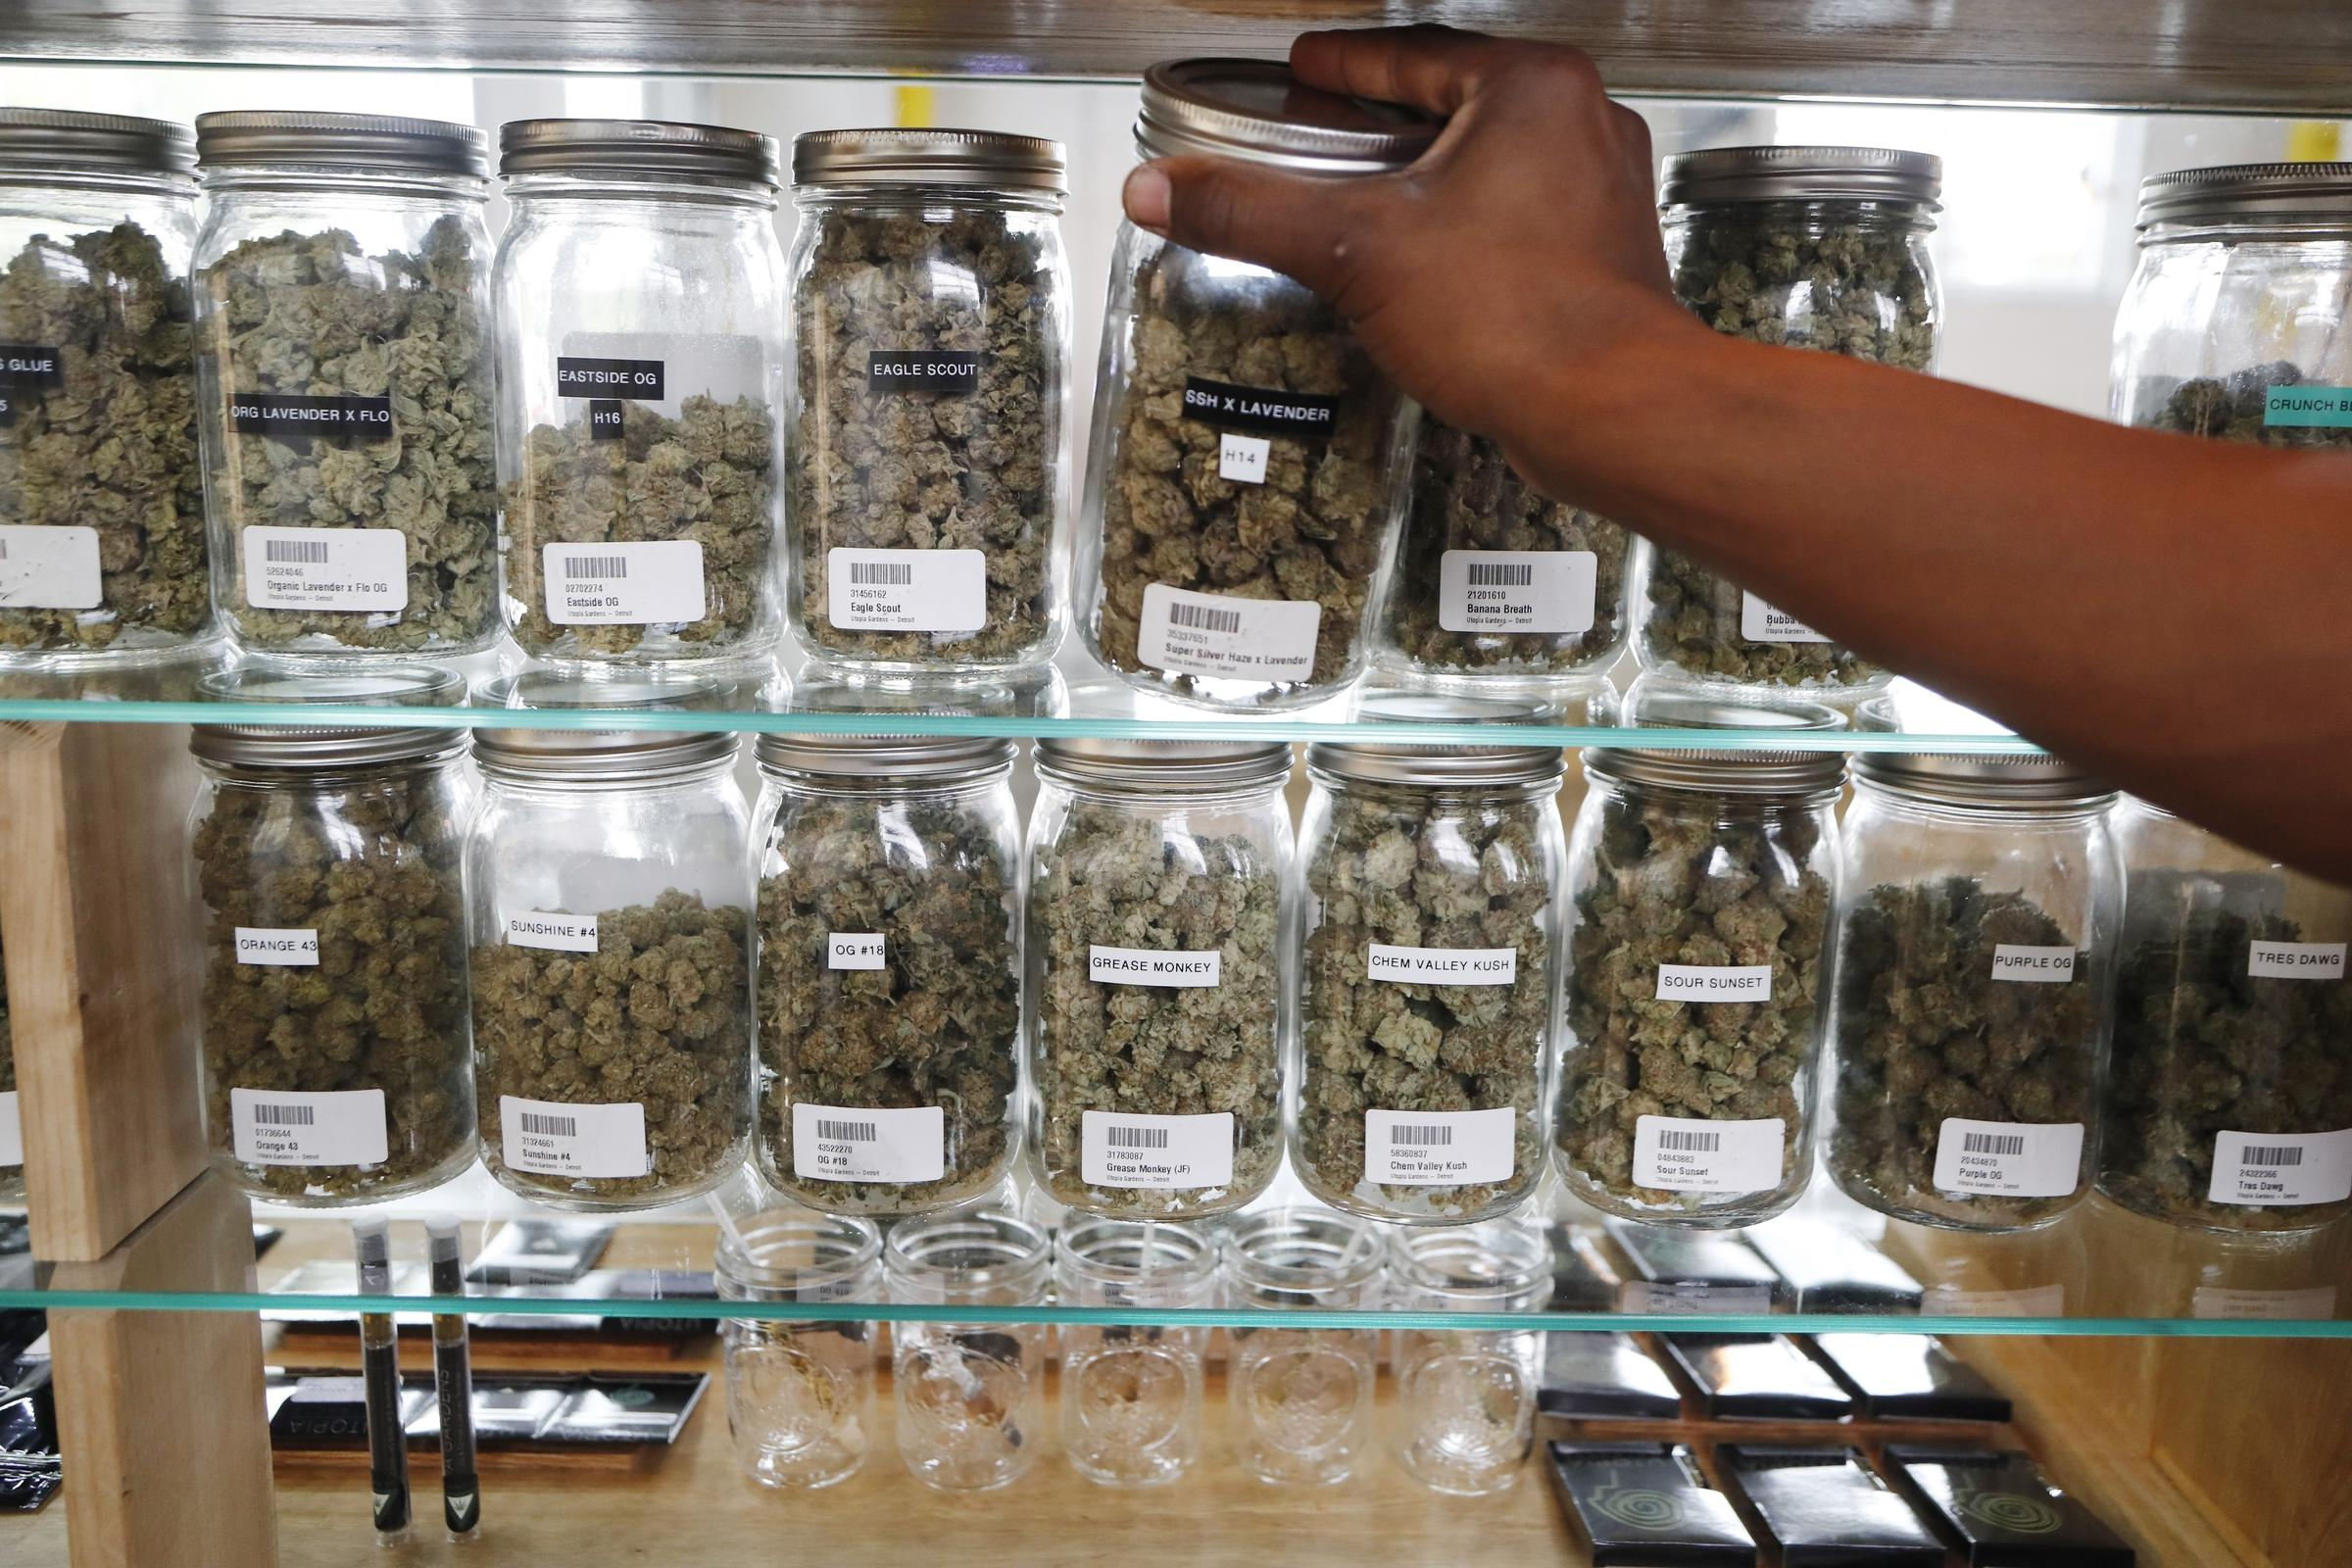 Four More Medical Marijuana Dispensaries Win State Licenses